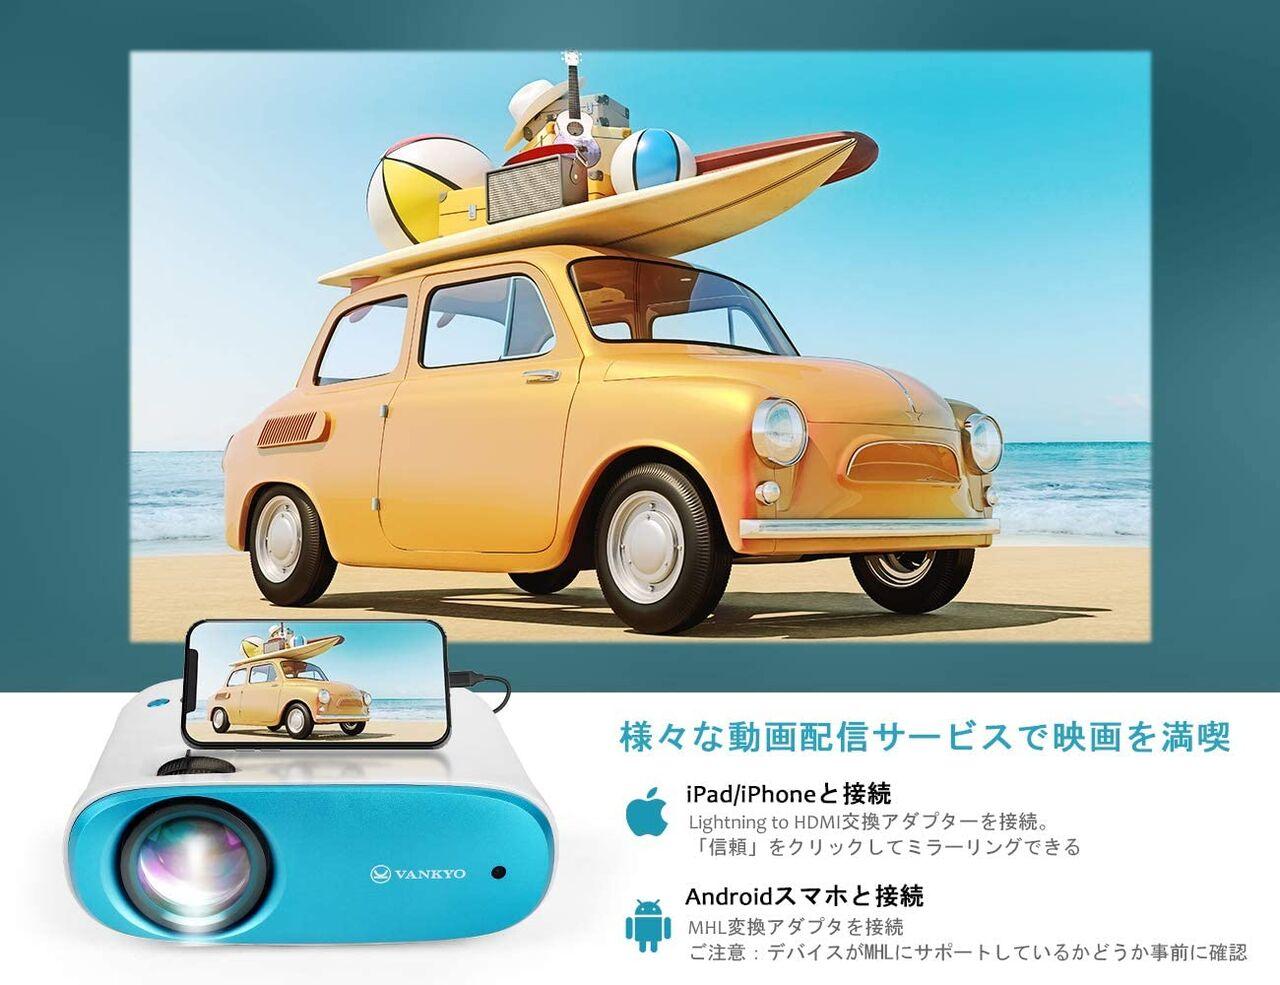 【朗報】思い切ってAmazonで「中華製品」買ってみたら、普通によかったってモノ